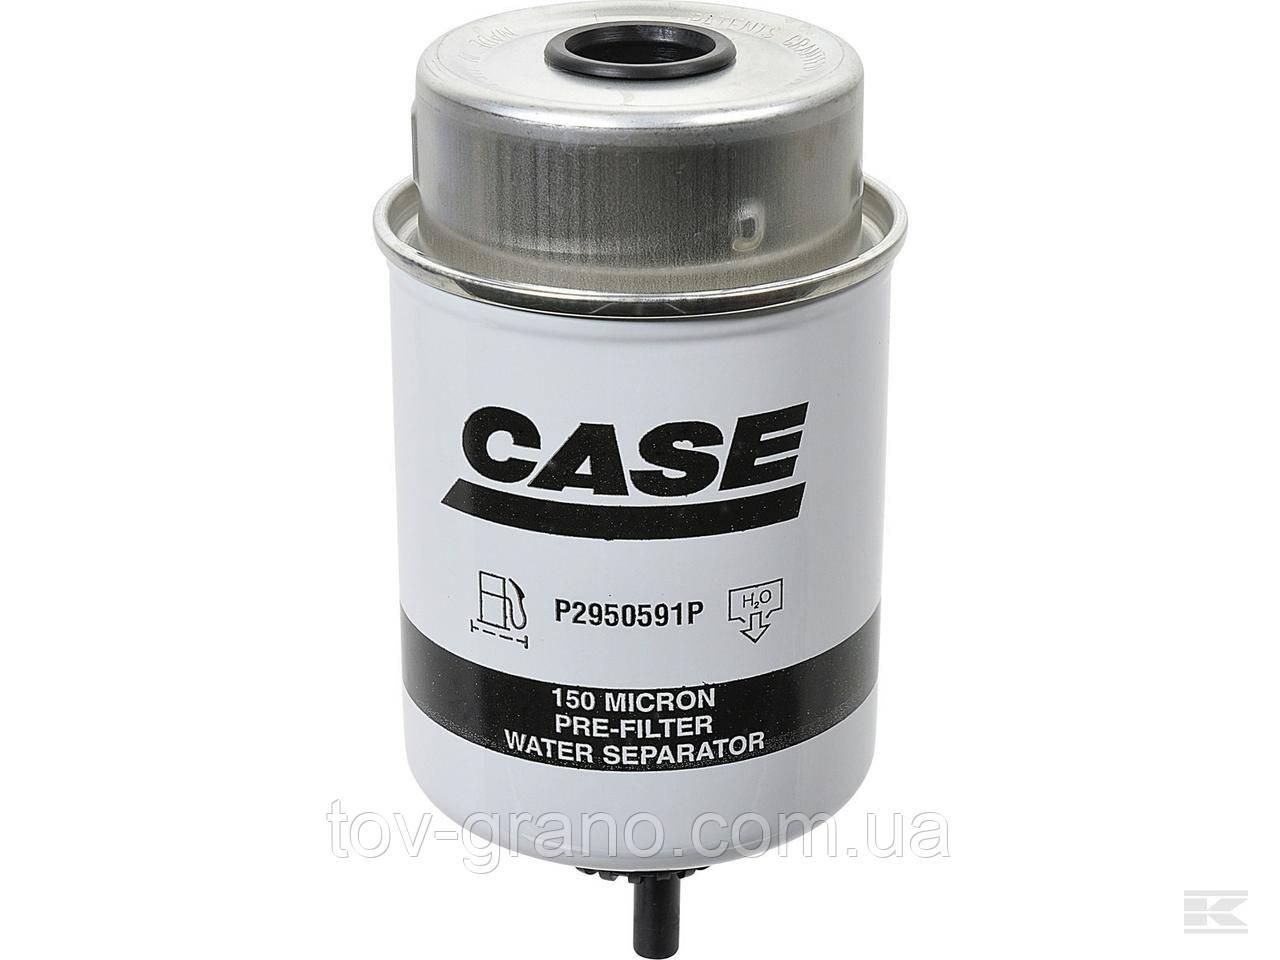 Фильтр CASE топливный, New Holland, CASE : P2950591